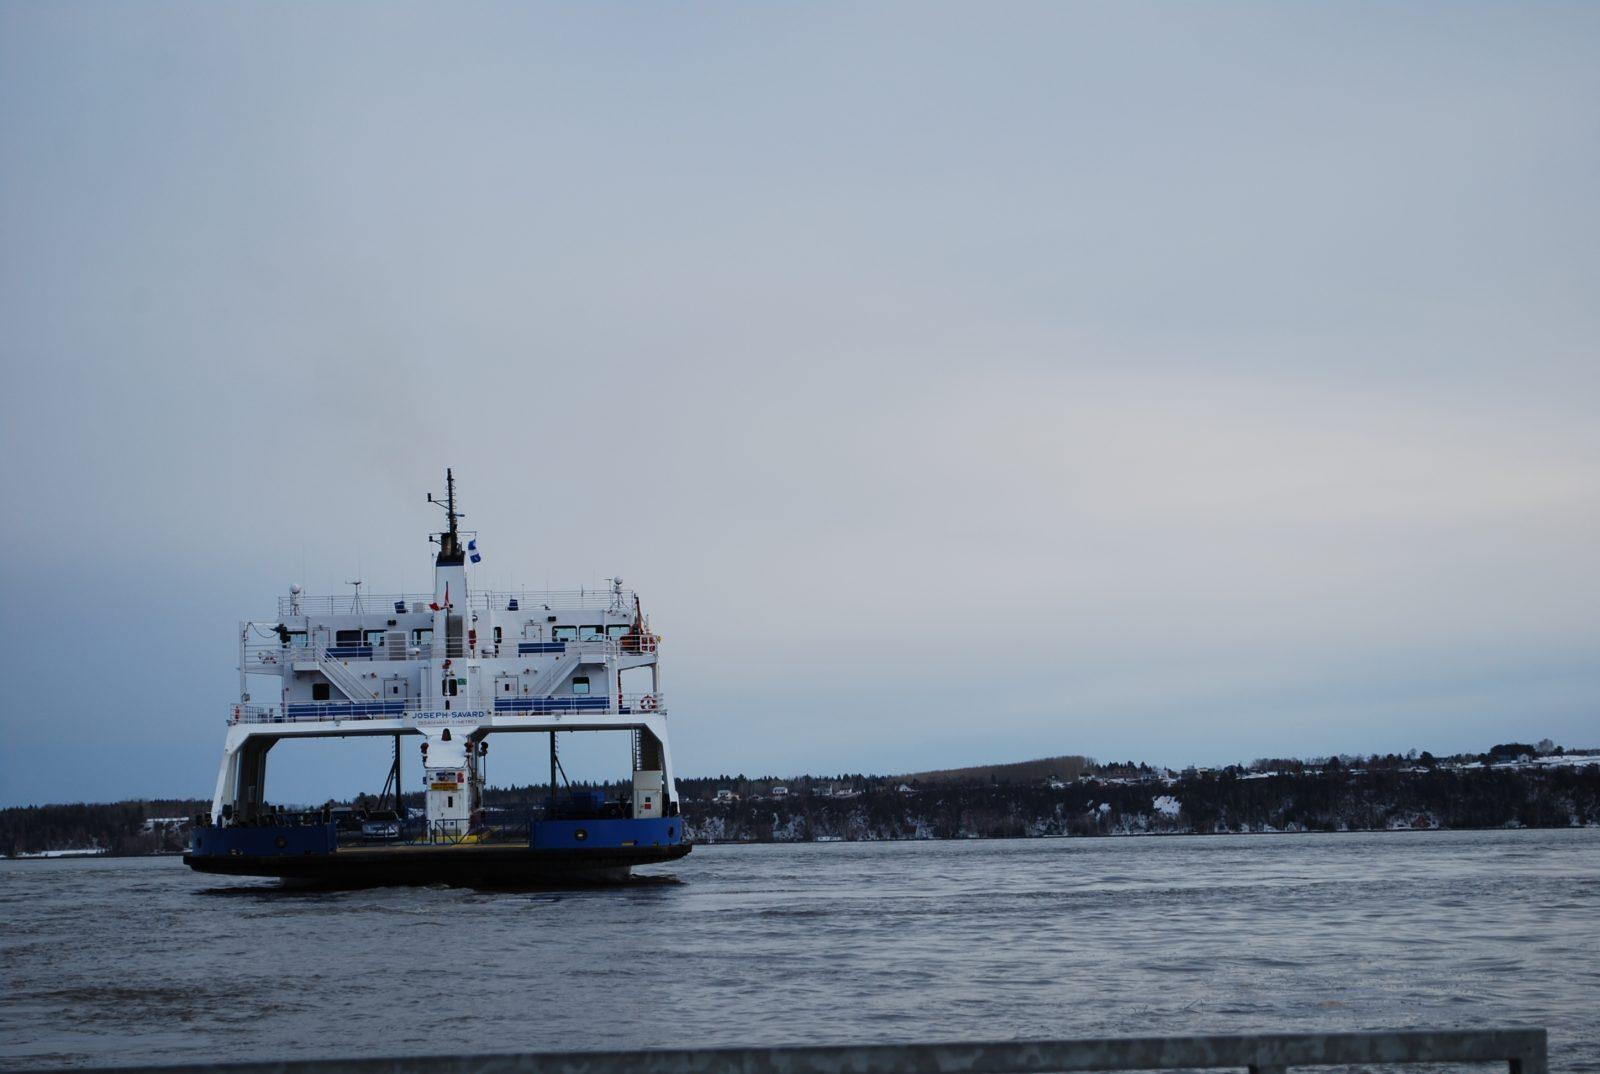 (Mise à jour) Un traversier porte secours à deux personnes à la mer à Baie-Saint-Paul